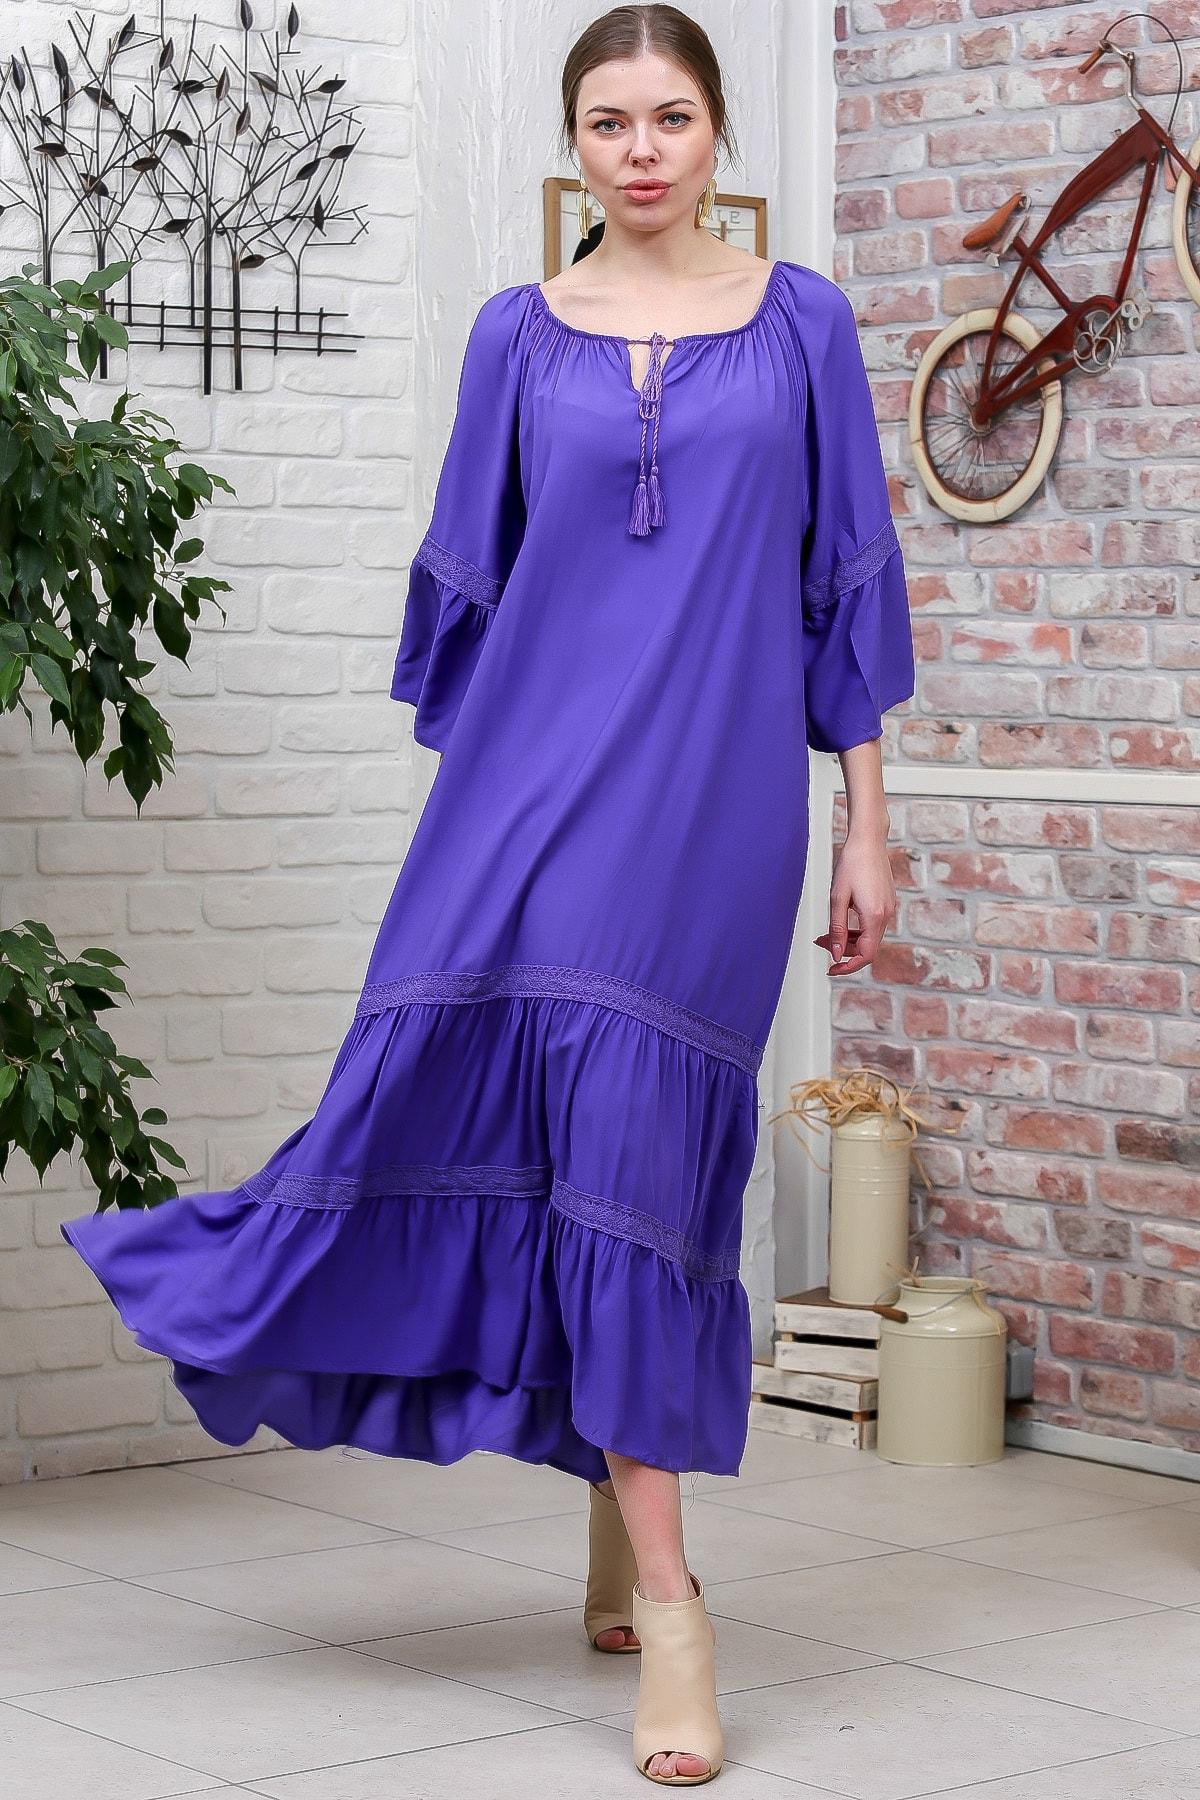 Chiccy Kadın Mor Carmen Yaka Omuzları Lastikli Bağlamalı Kopenakili Uzun Elbise M10160000EL95592